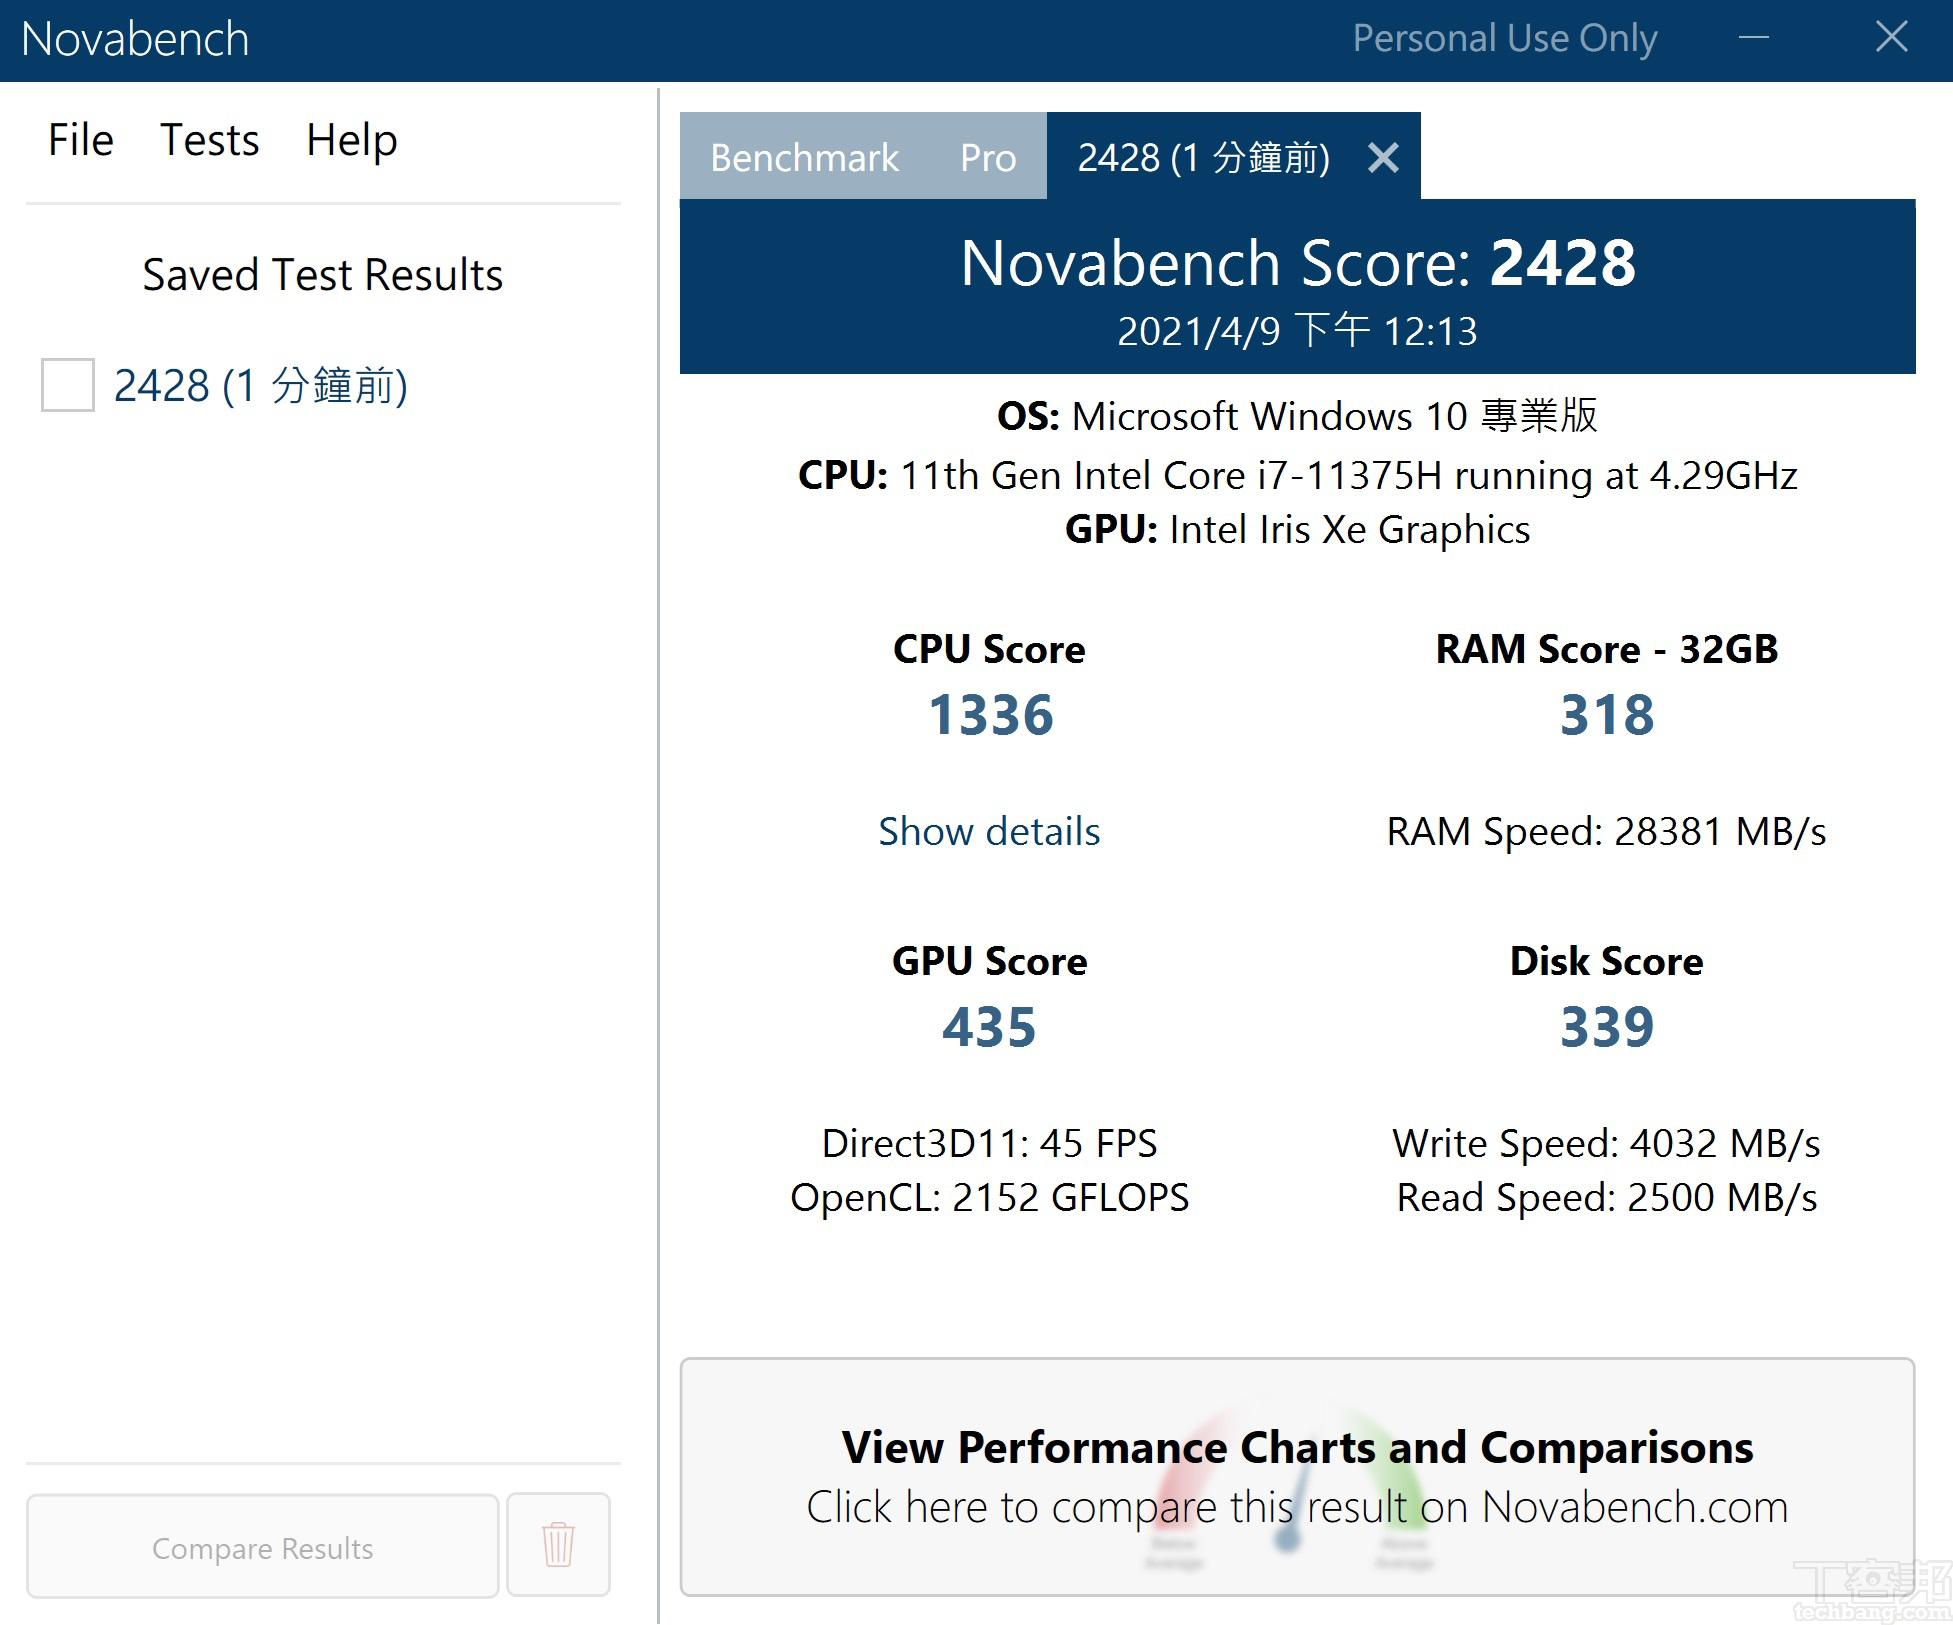 利用 Novabech測試,在綜合效能測試上,總分獲得 2,428 分。